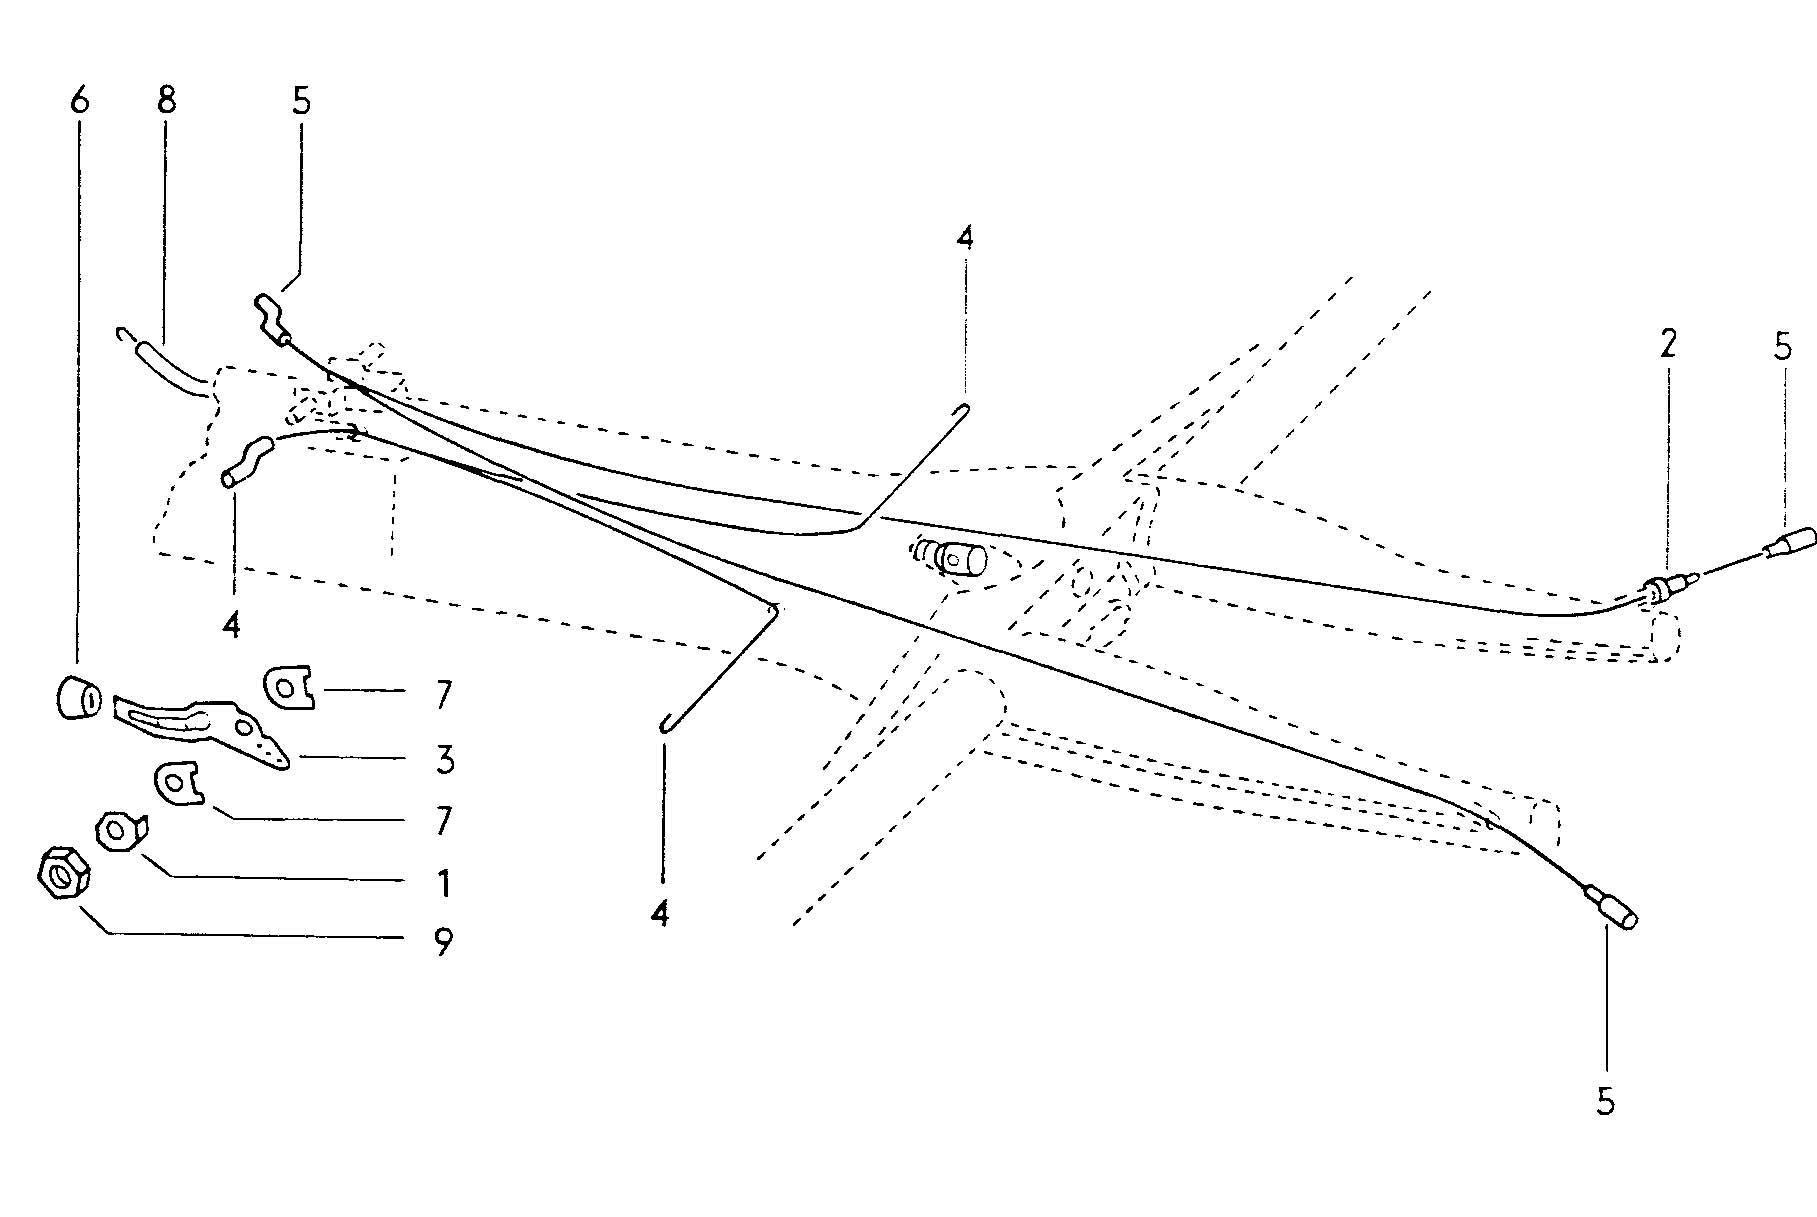 1992 vw corrado vr6 fuse box diagram